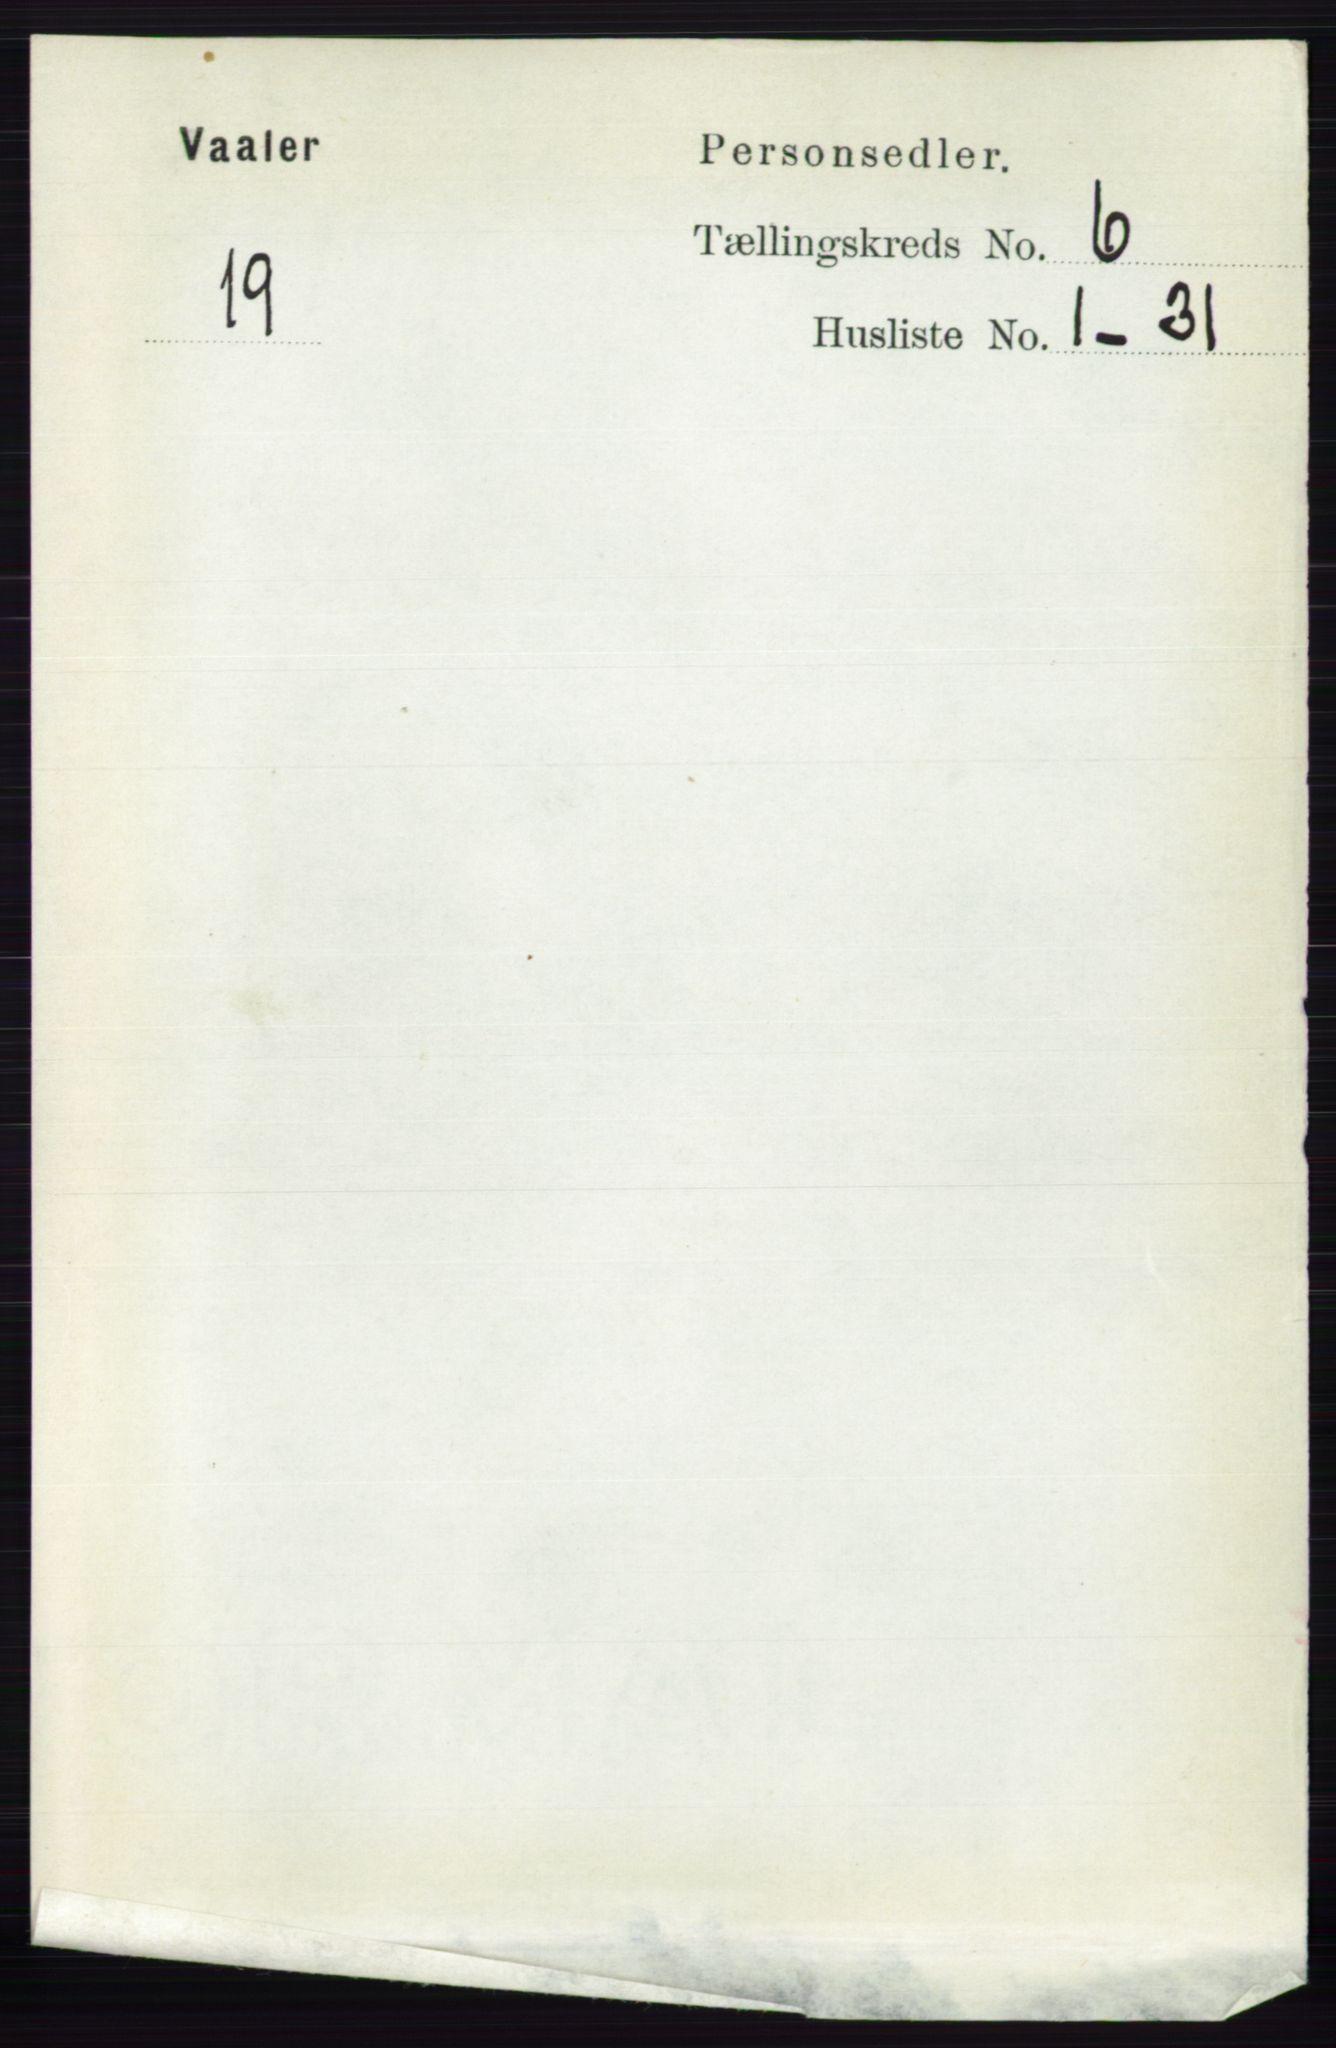 RA, Folketelling 1891 for 0137 Våler herred, 1891, s. 2334